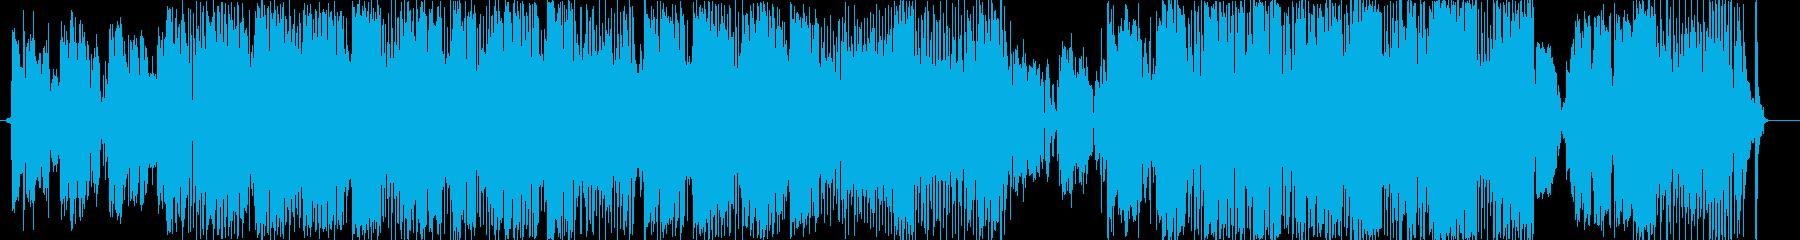 パノラマの再生済みの波形